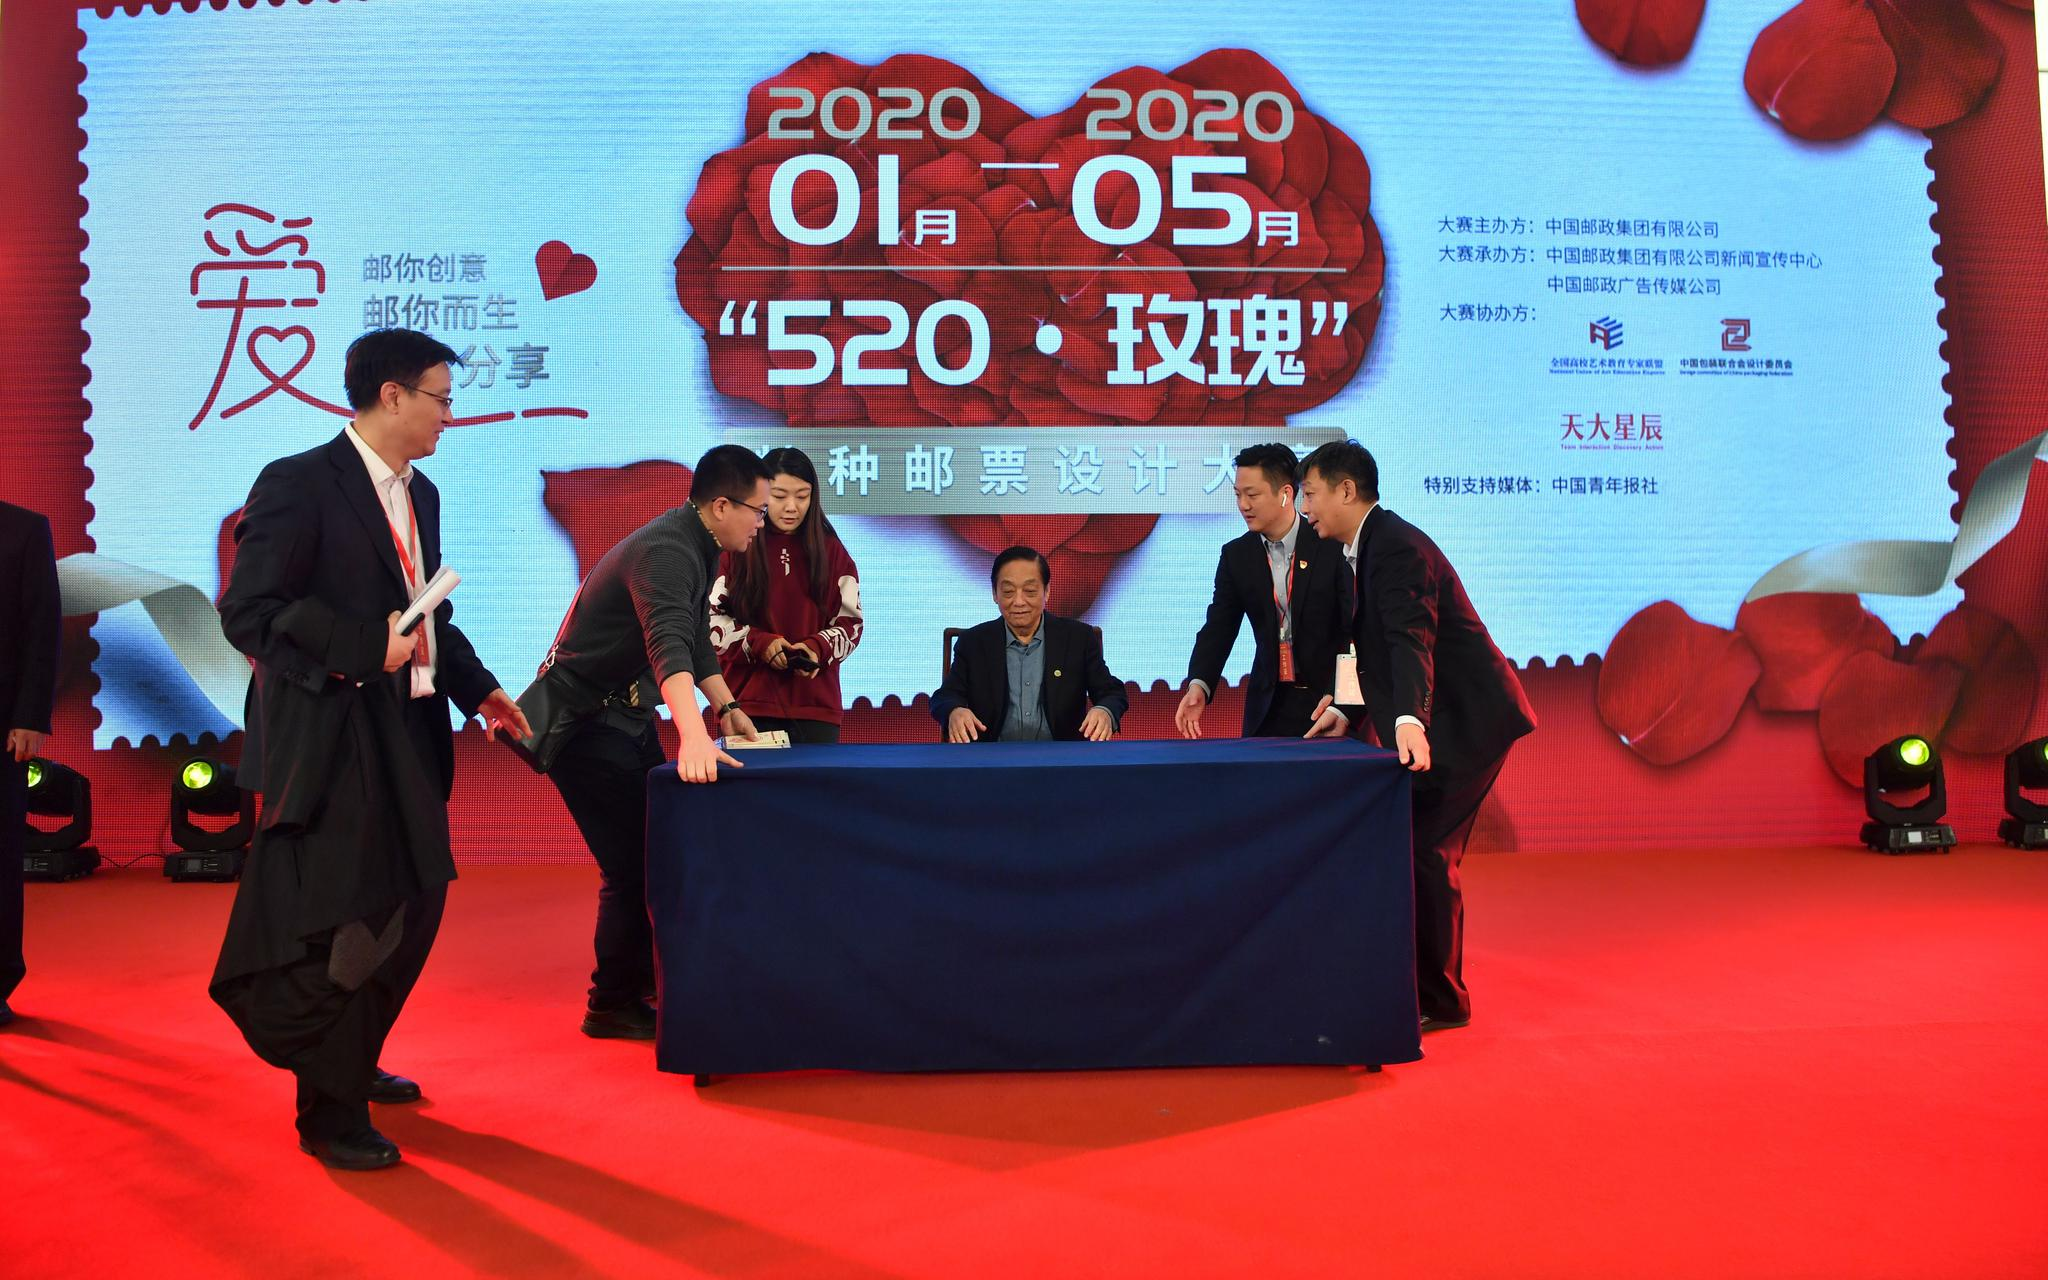 """《庚子年》邮票首发,""""520·玫瑰""""邮票设计大赛启动图片"""